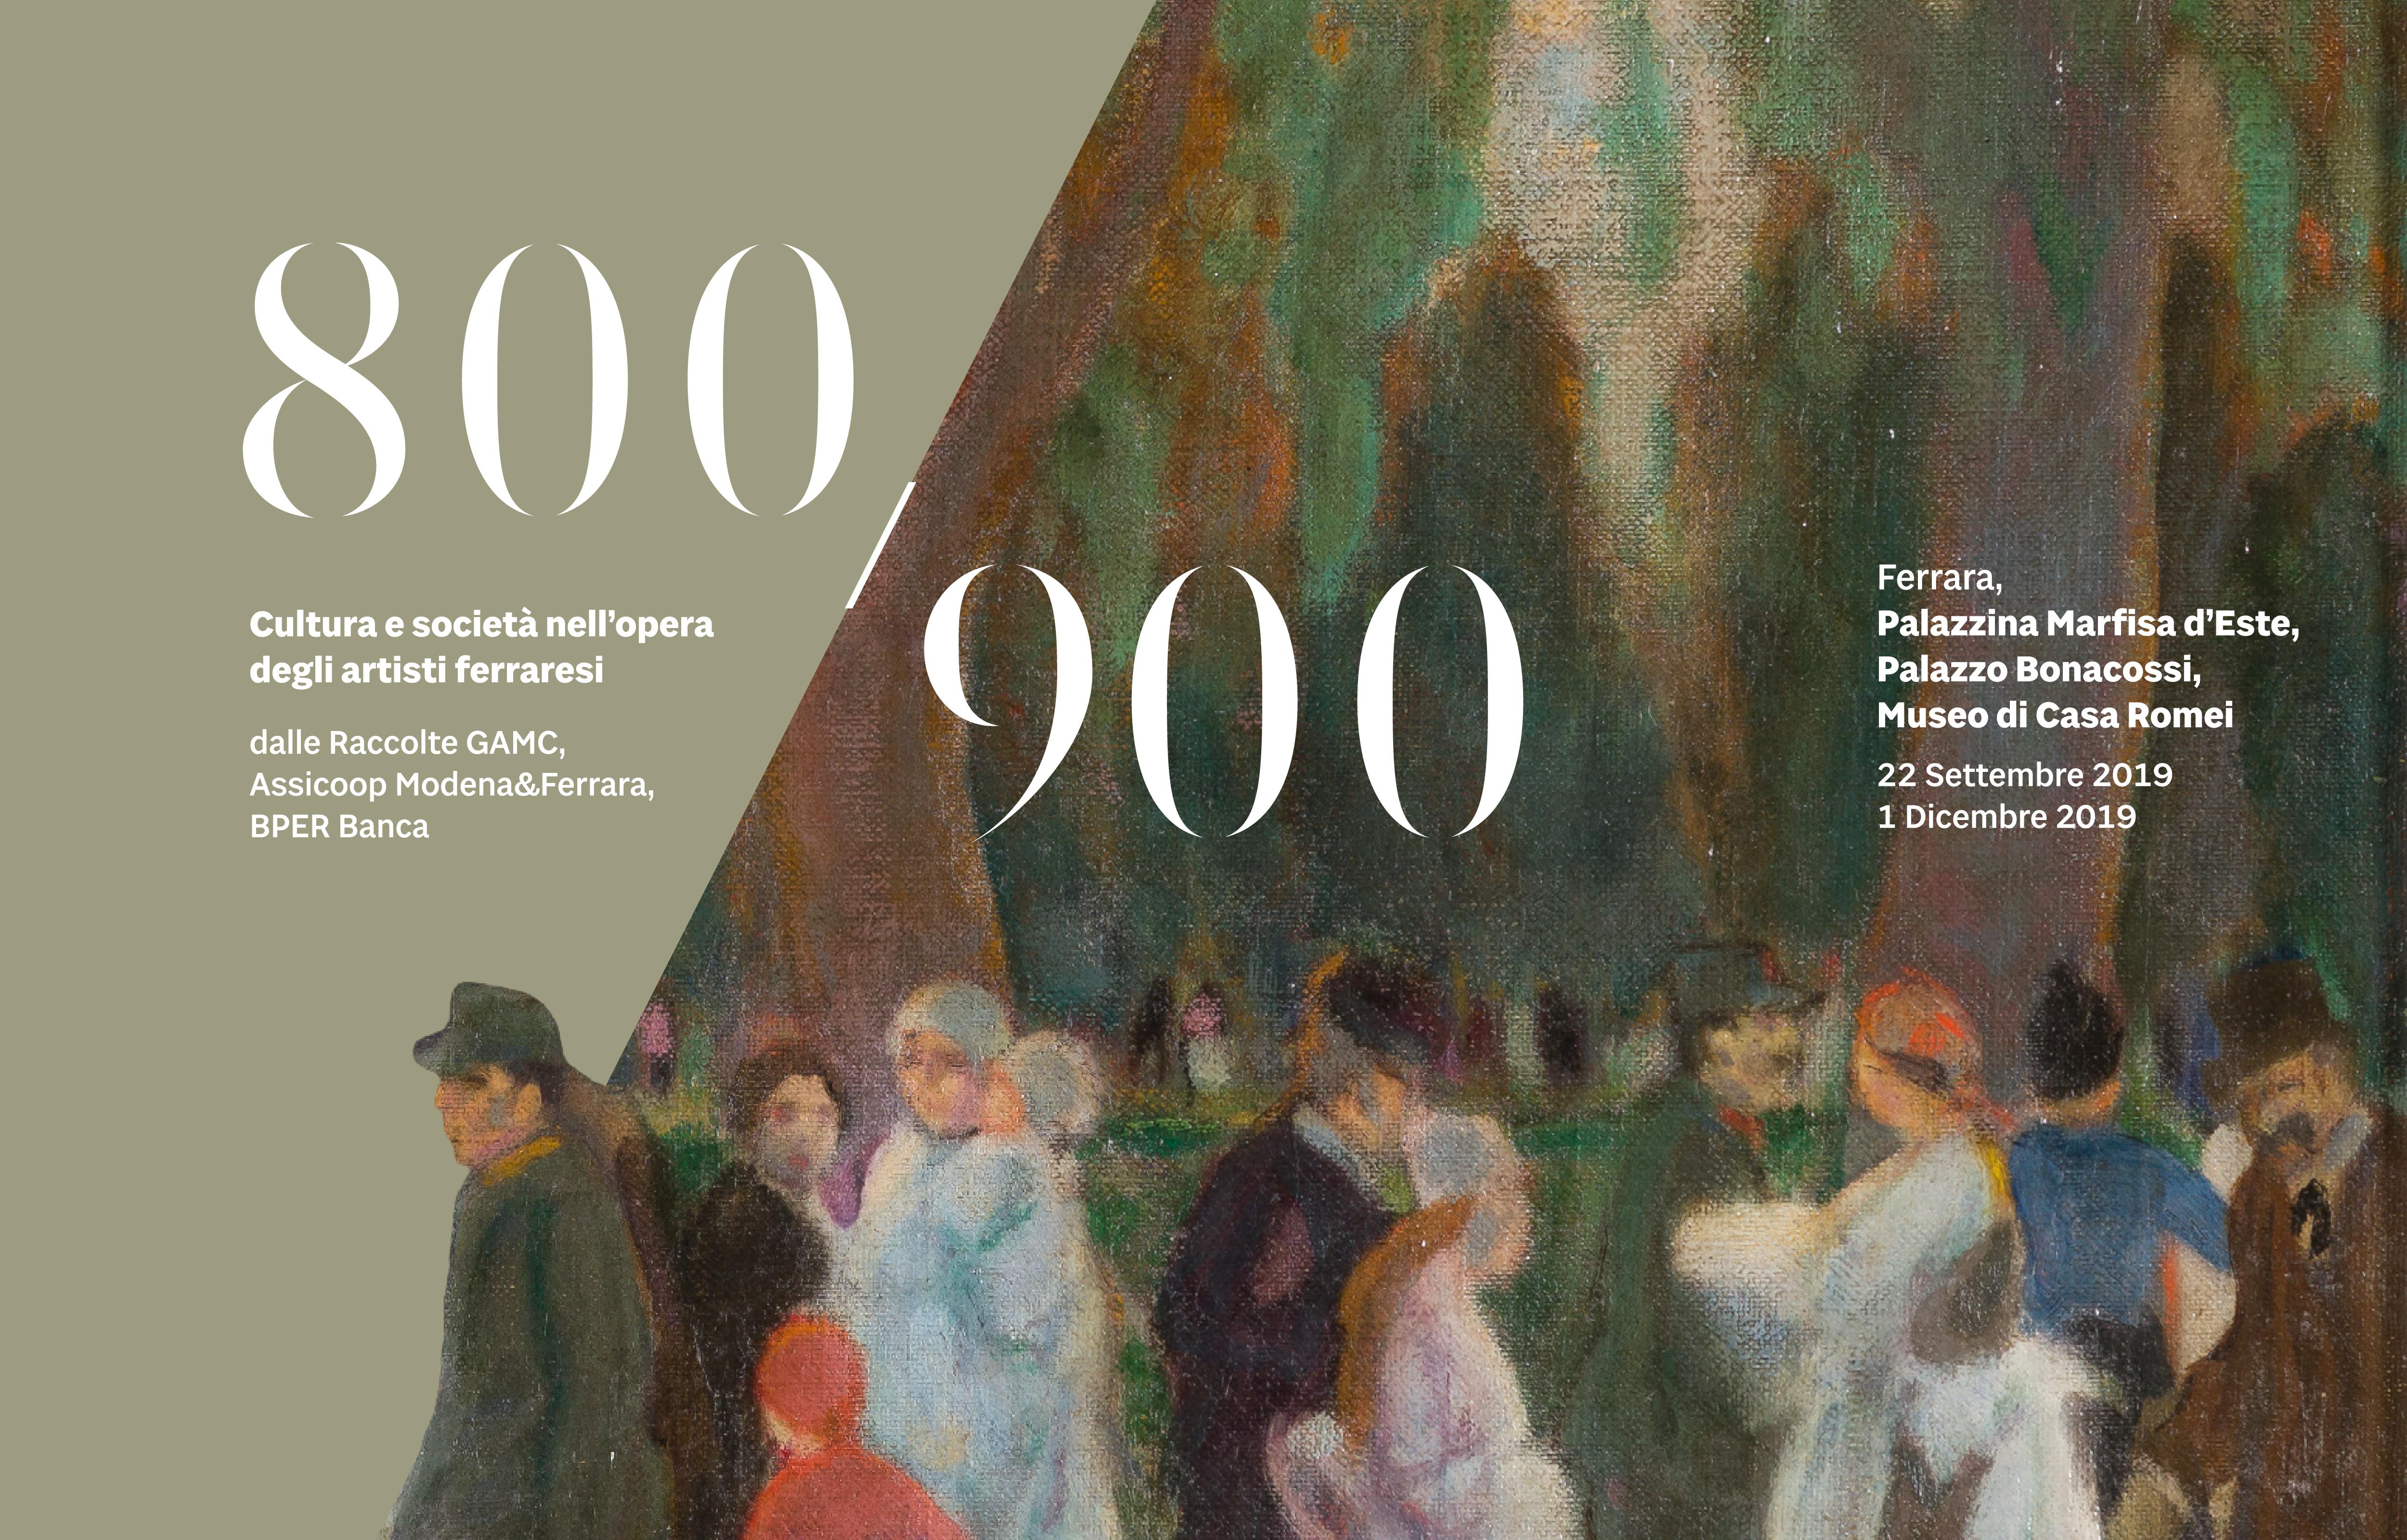 """""""800/900"""": la cultura e la società nell'opera degli artisti ferraresi in esposizione a Ferrara dal 22 settembre, grazie alla collaborazione pubblico-privato di Assicoop Modena&Ferrara, Legacoop Estense e delle realtà museali ferraresi"""